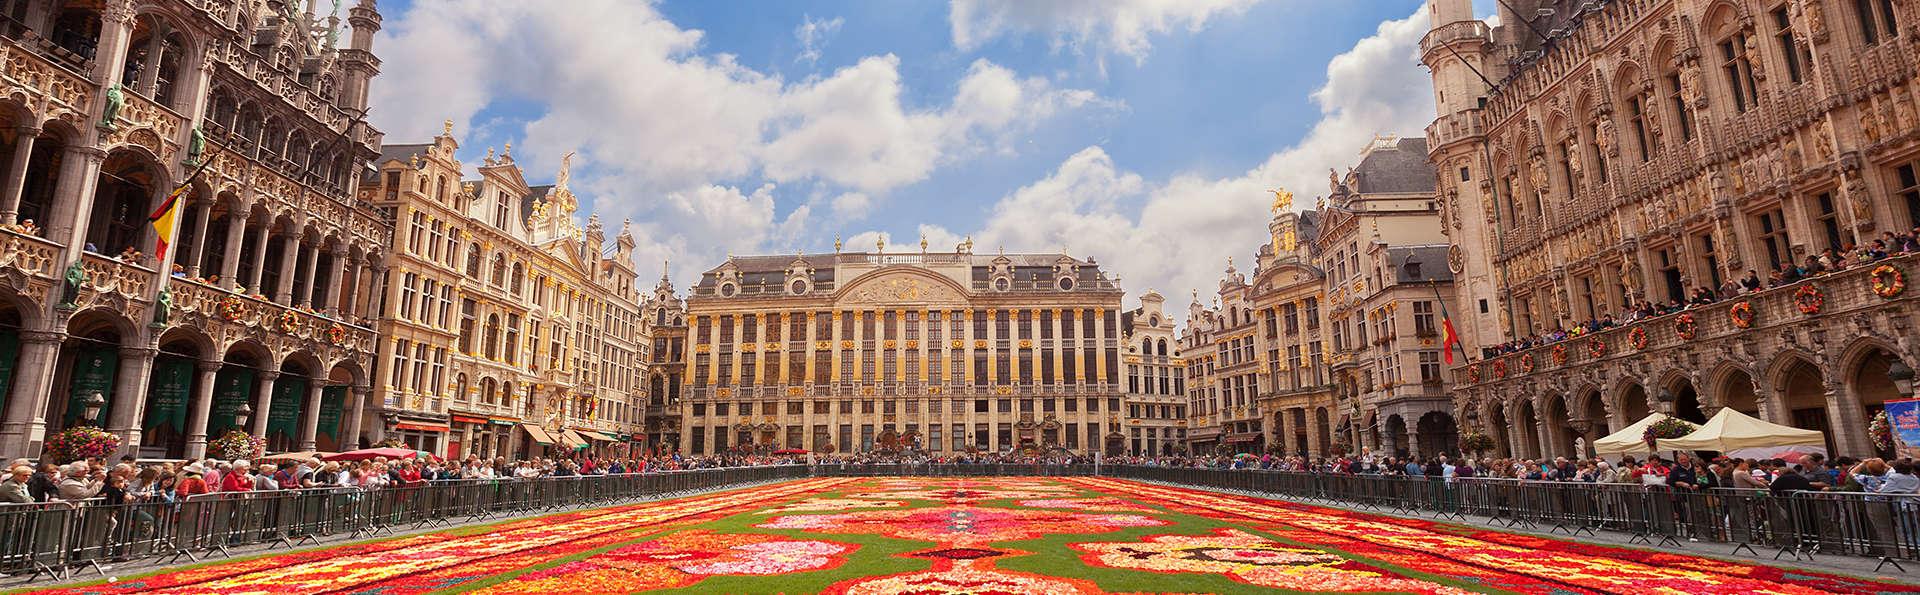 Escapada mágica en pleno corazón de Bruselas, ¡ideal para descubrir la mítica ciudad!